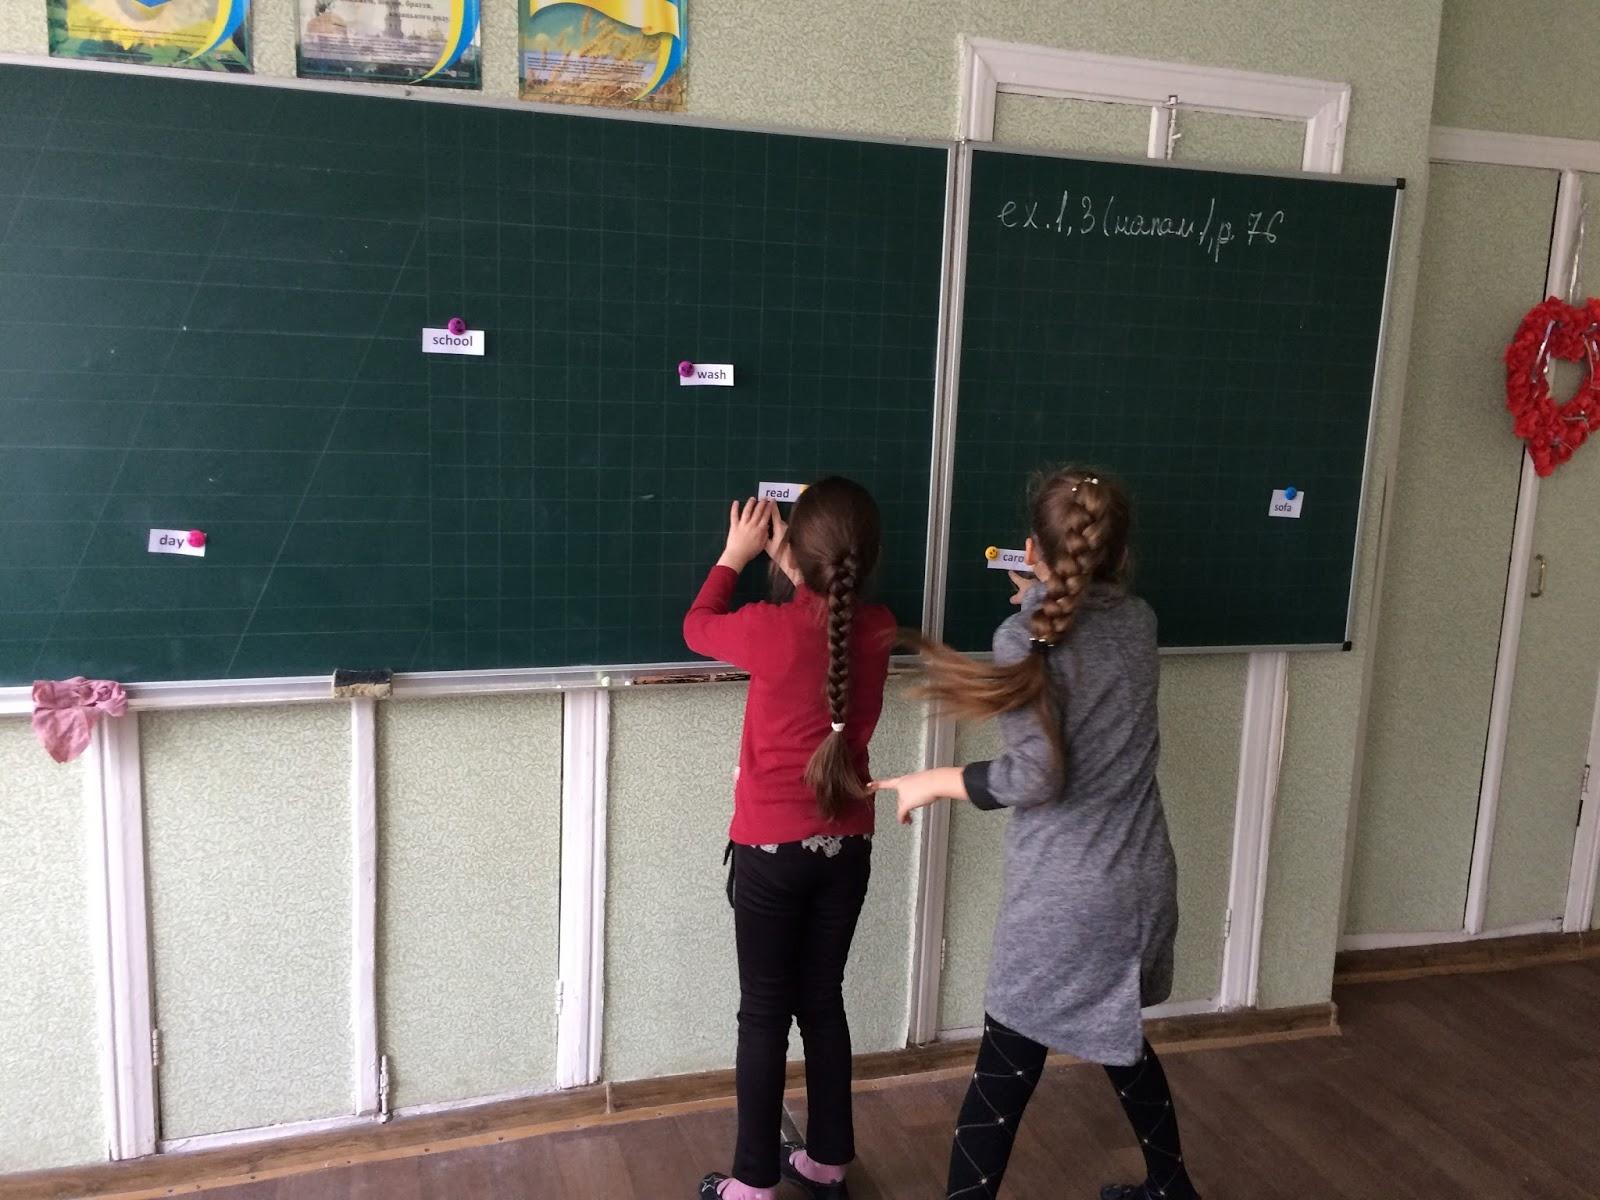 класс школа английского языка